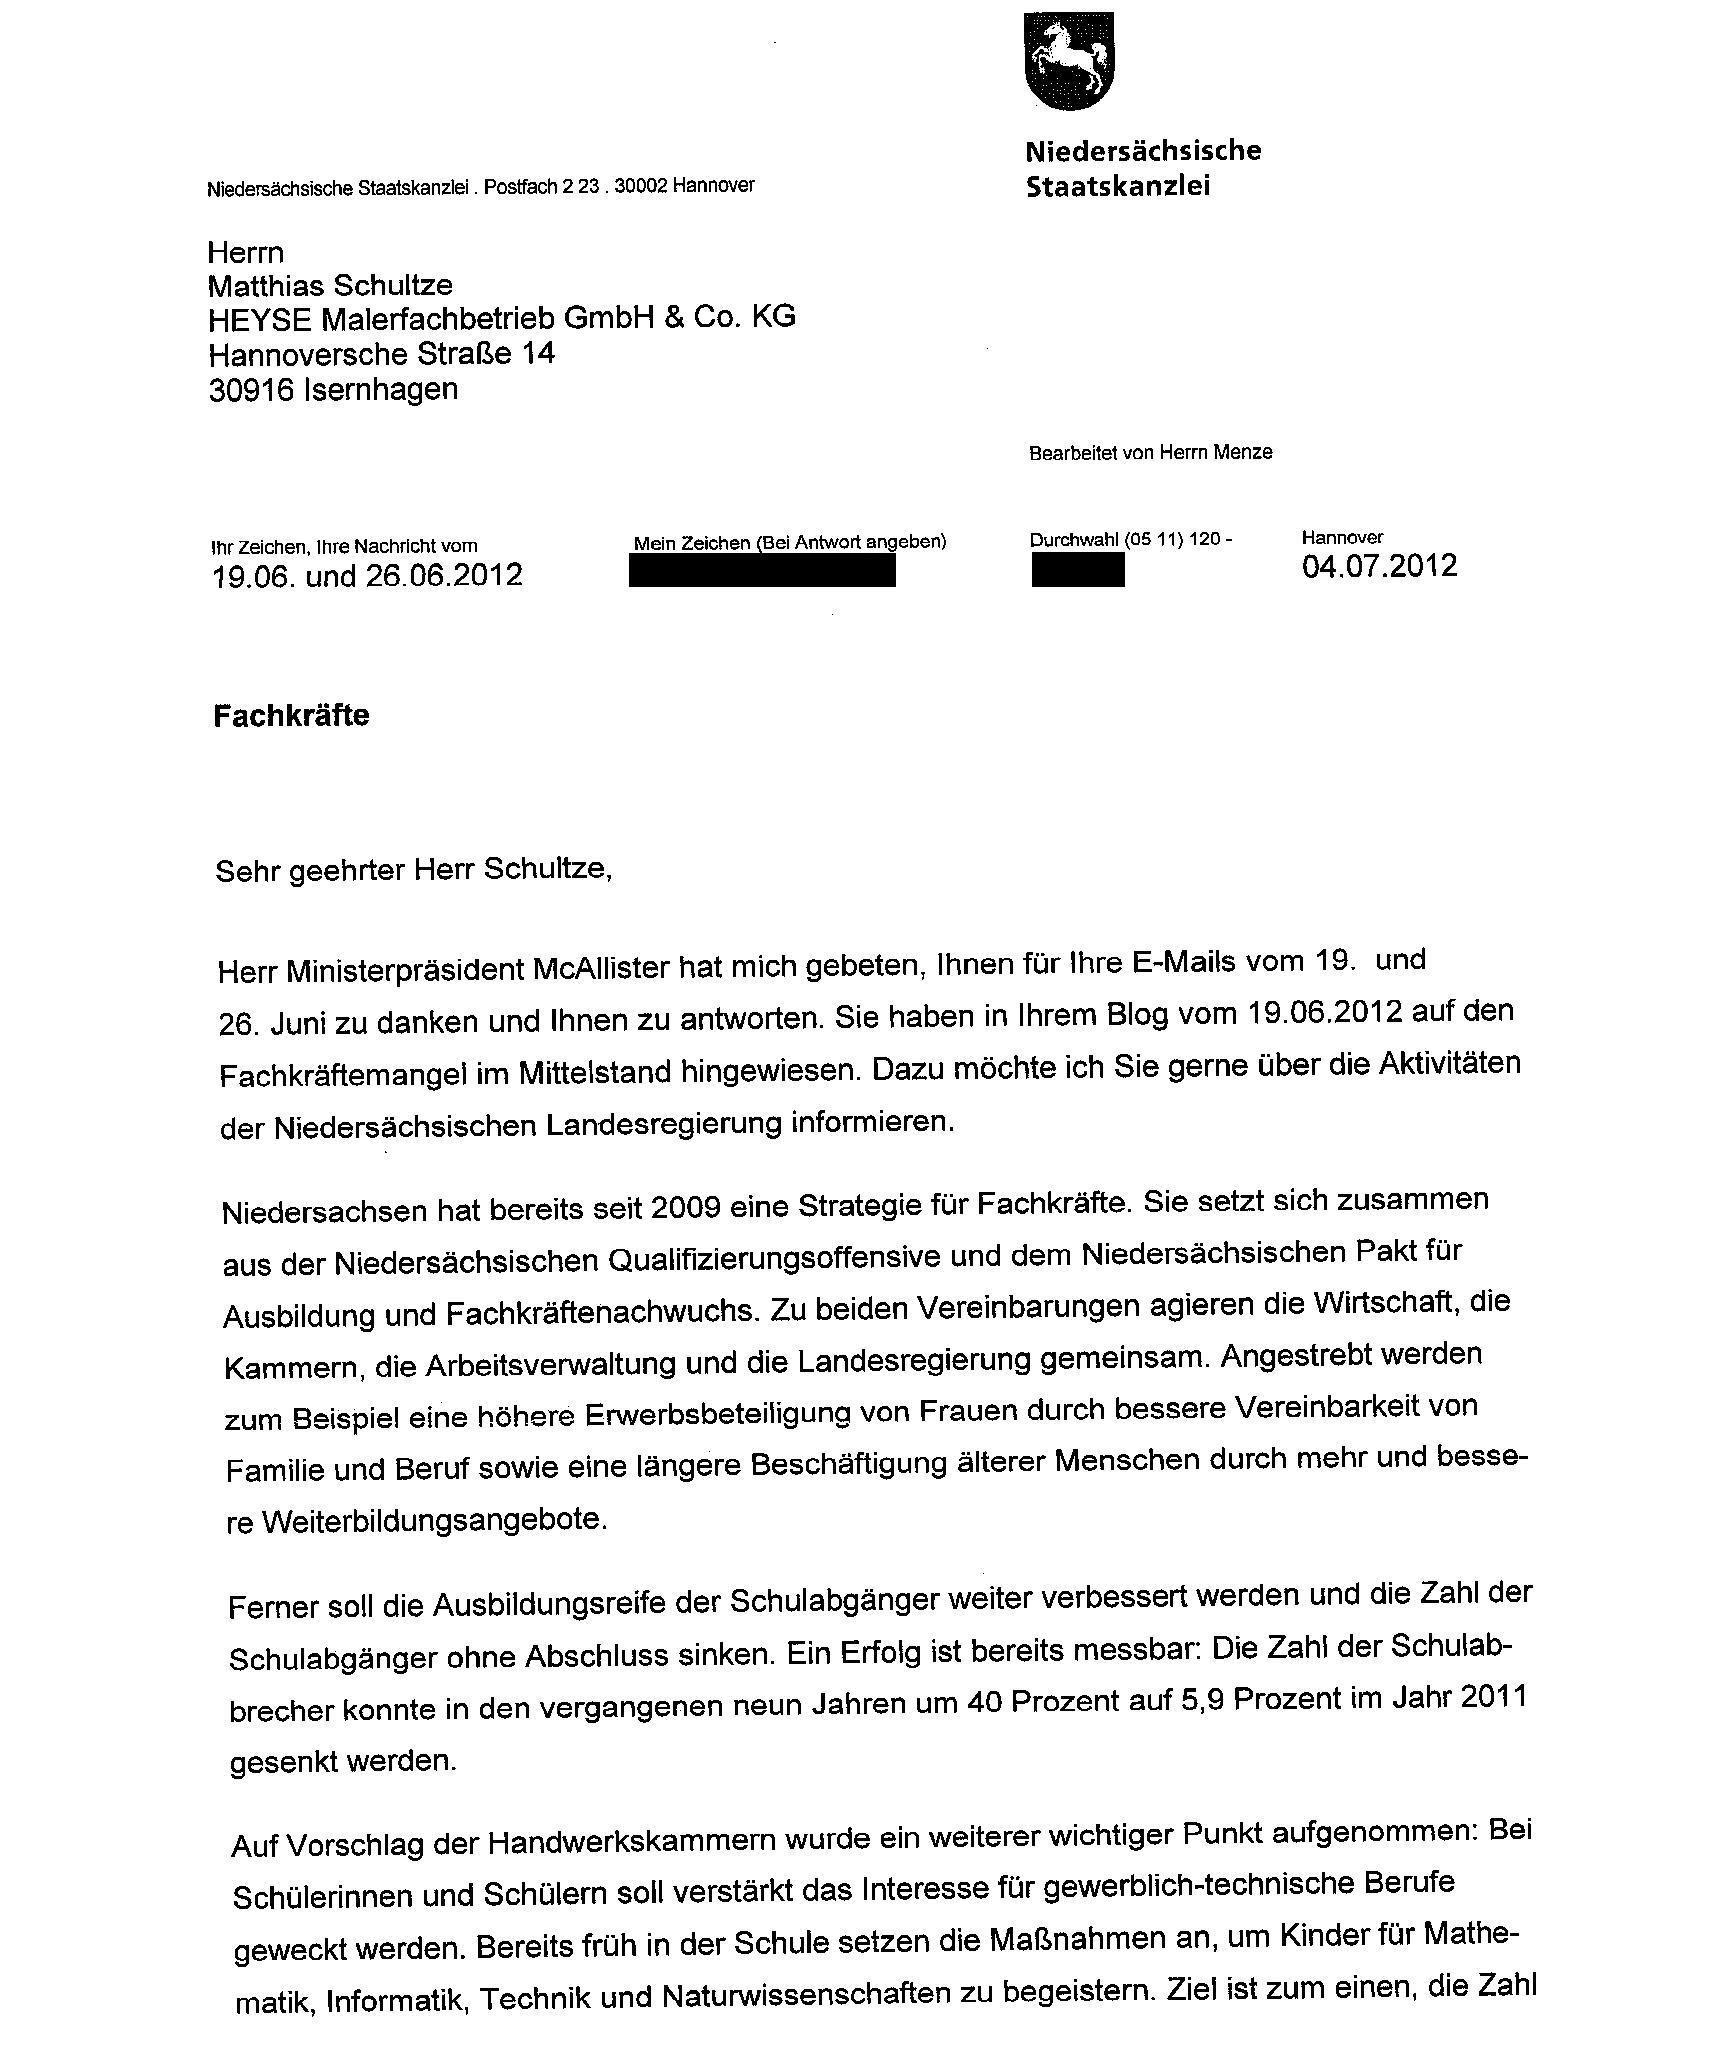 Raumausstatter ausbildung  Post von McAllister zum Thema Fachkräftemangel im Mittelstand ...